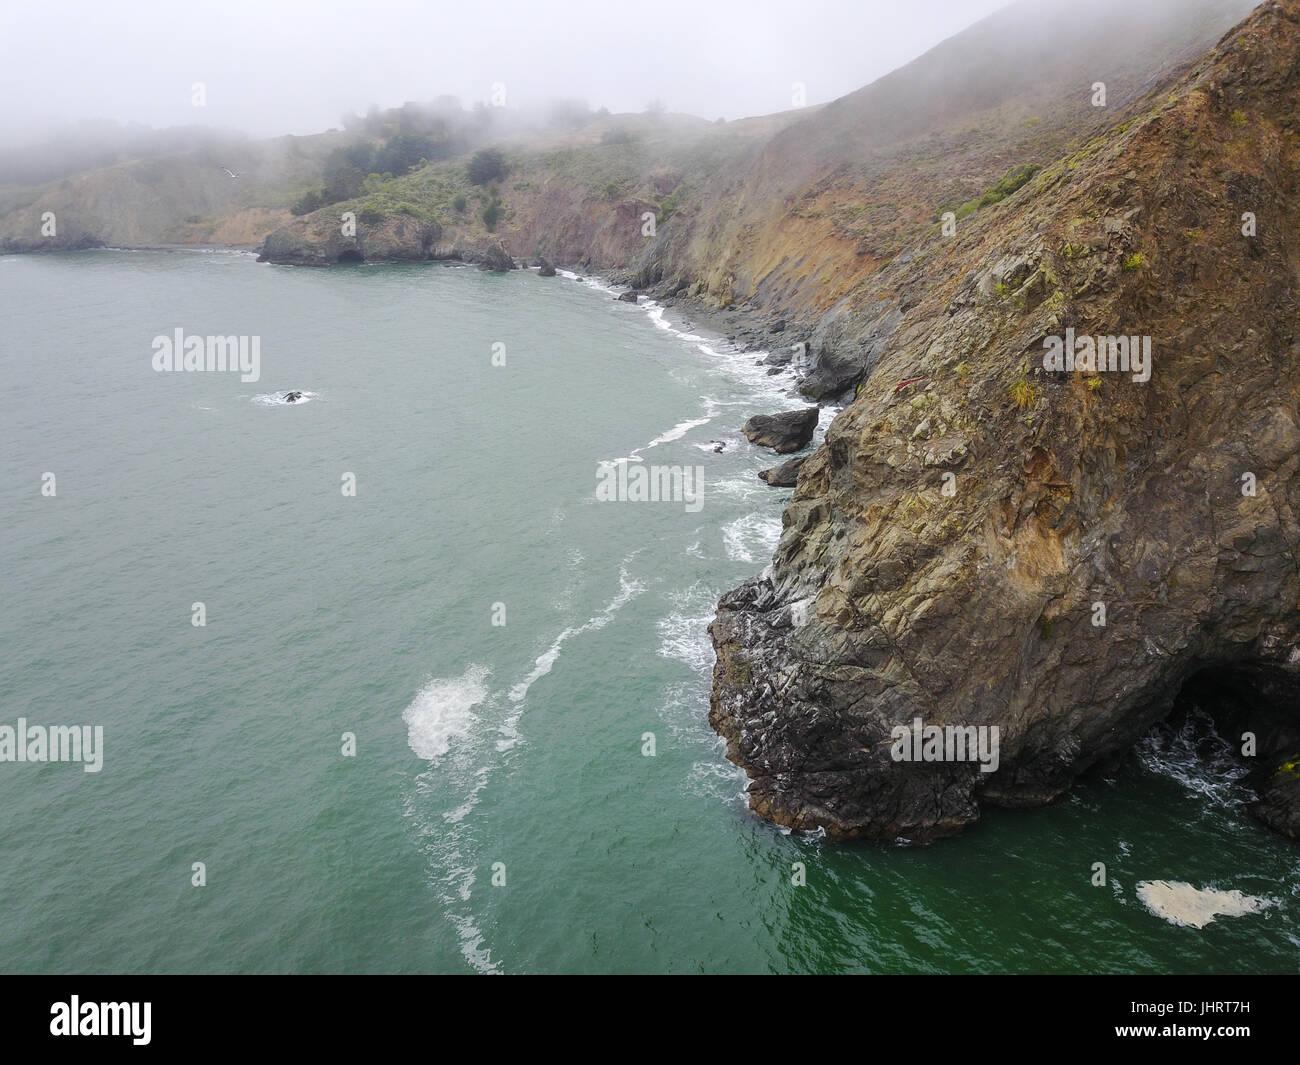 Les eaux froides de l'océan Pacifique se lave à l'encontre de la côte couverte de brouillard Photo Stock